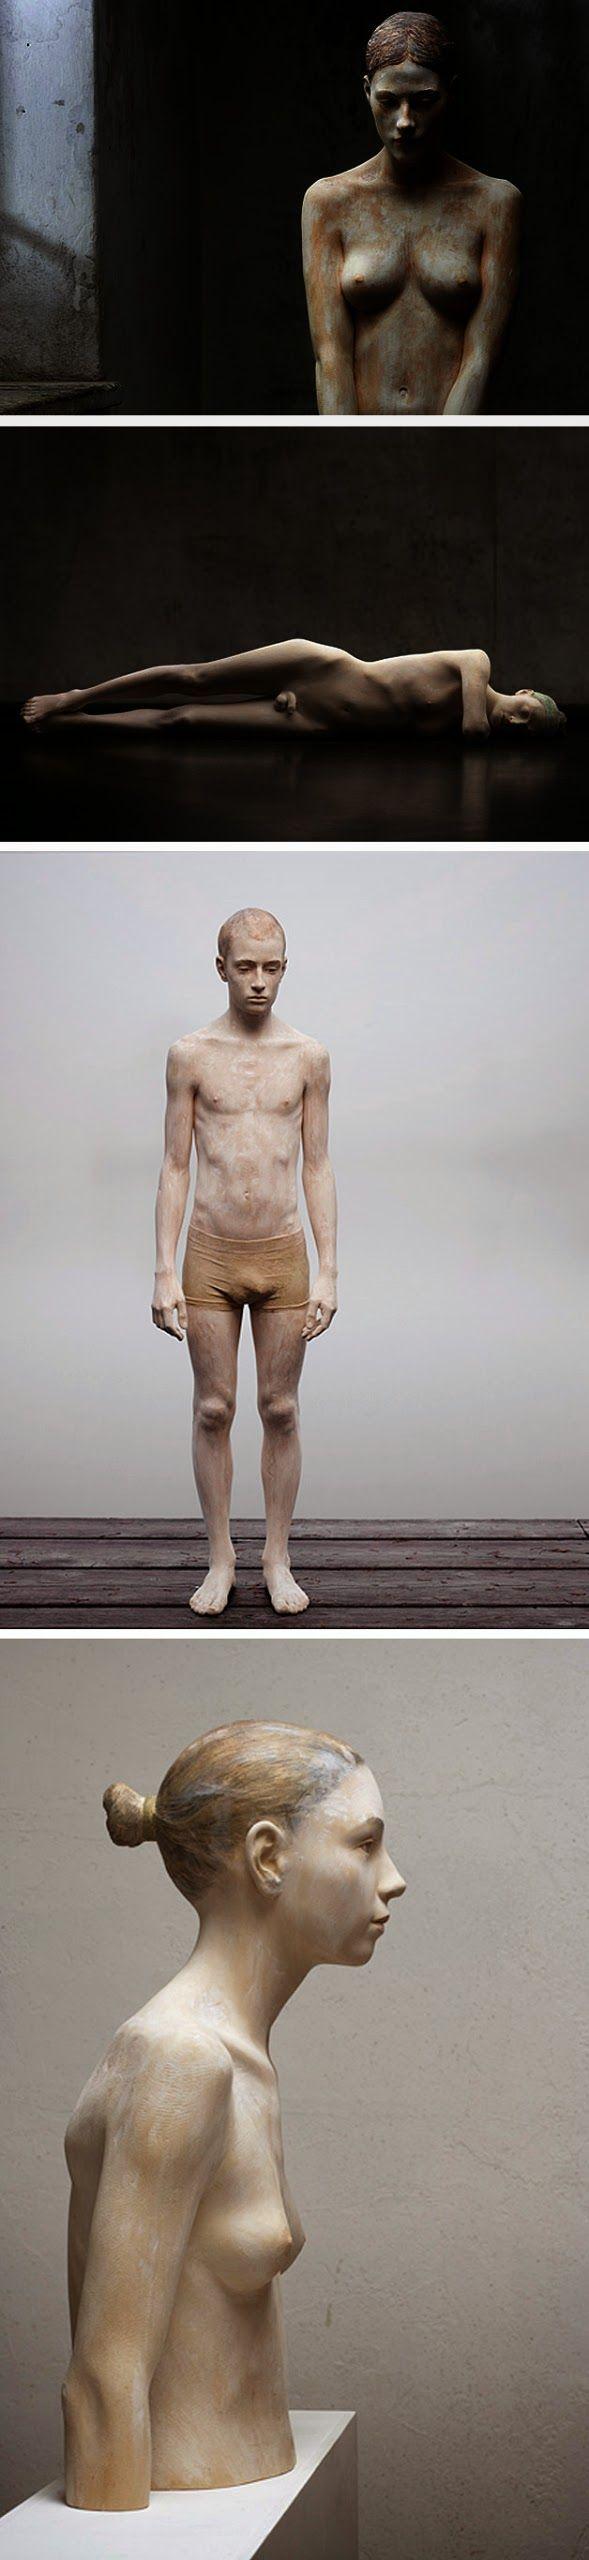 Esculturas de madeiras que parecem pessoas reais | Leitura Dinâmica